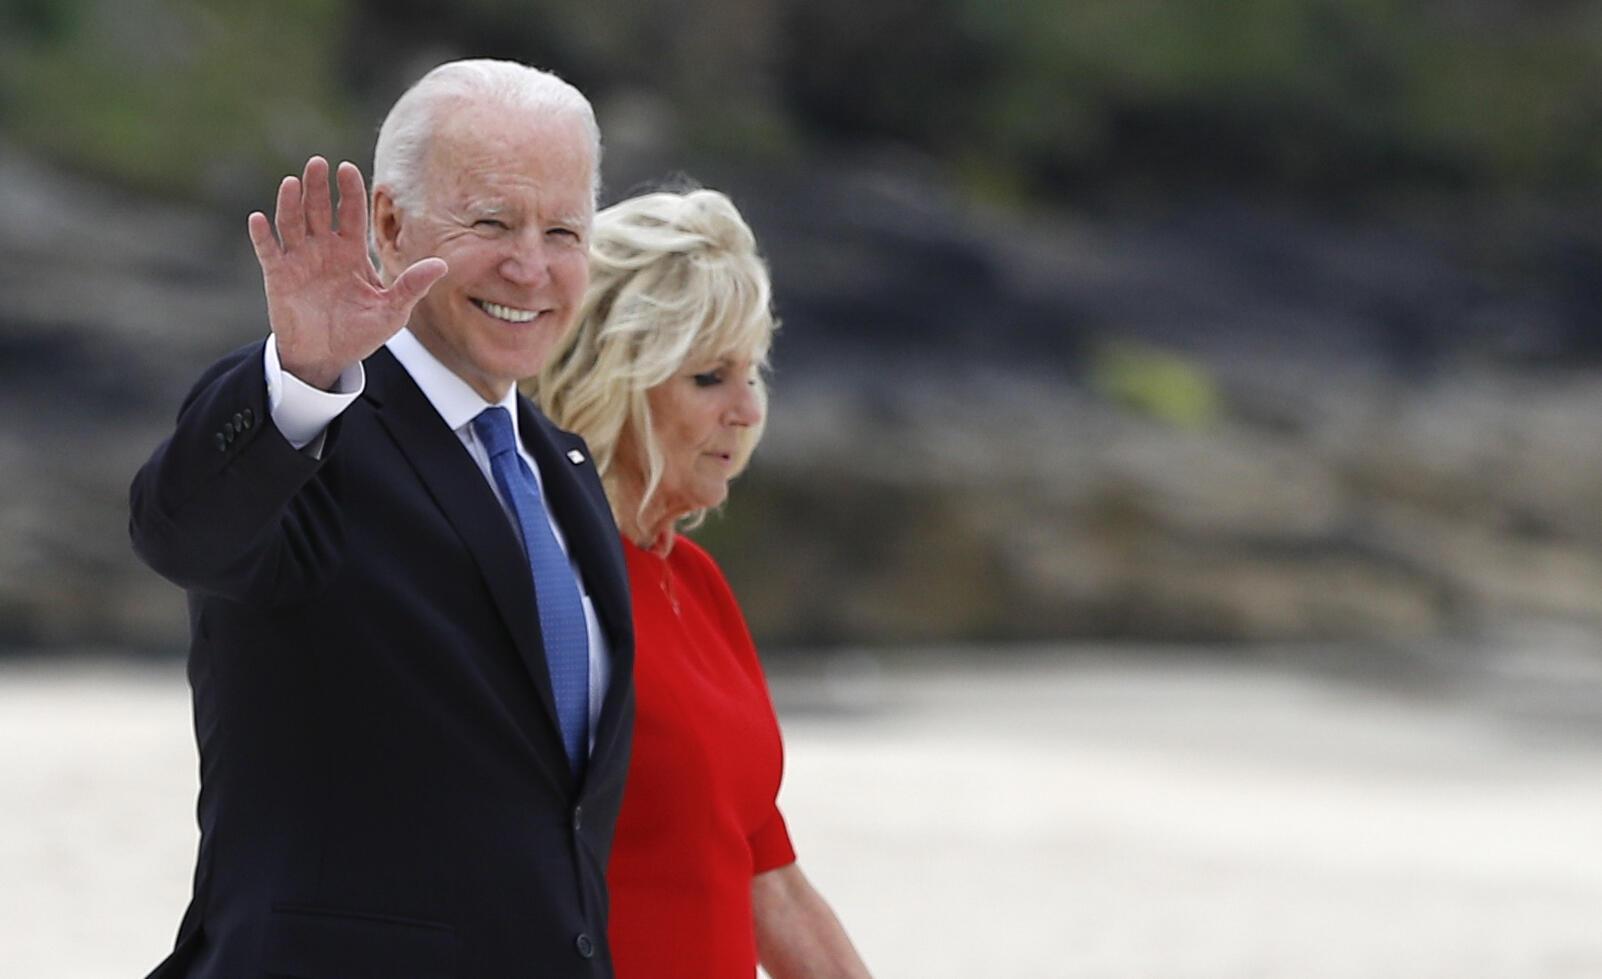 Royaume-Uni - G7 - Joe Biden - Arrivée